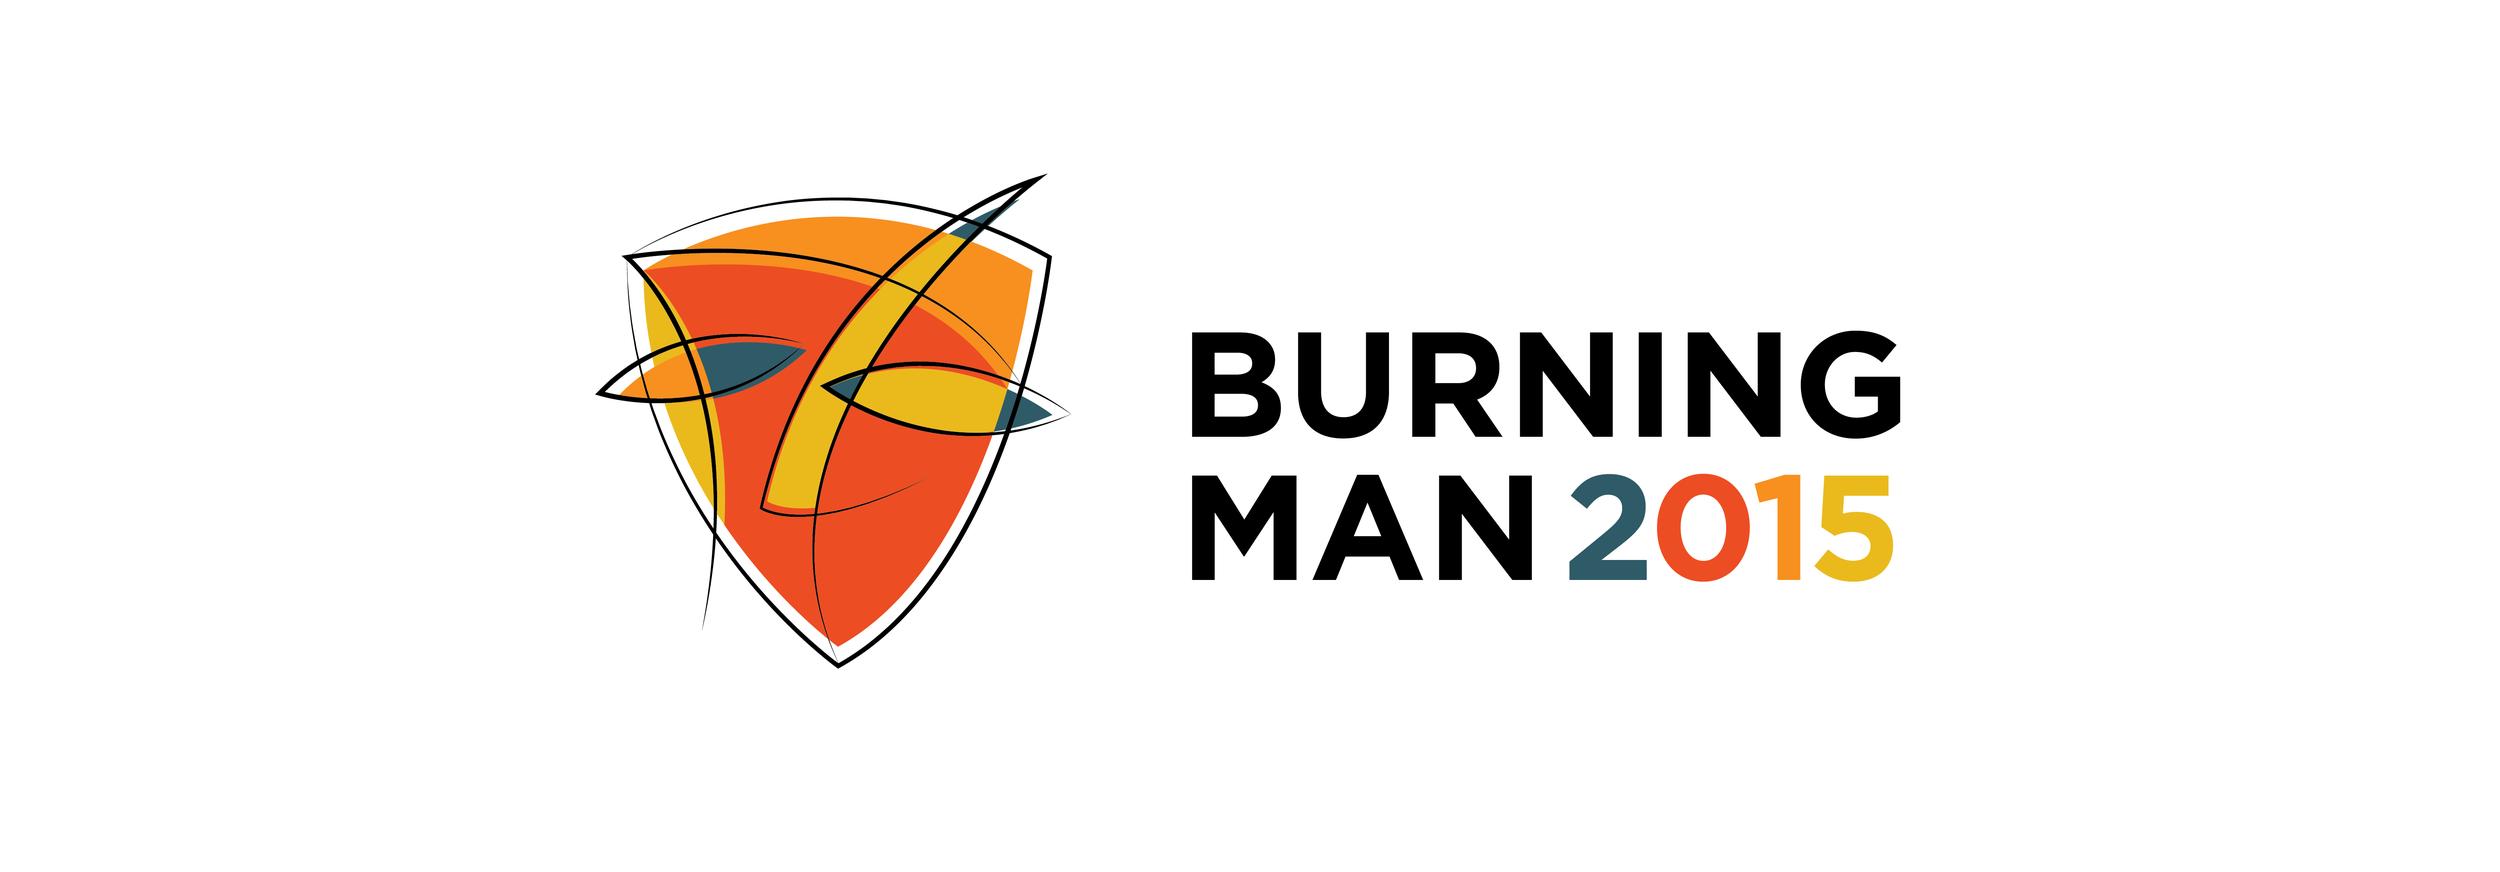 BurningMan_Portfolio-01.png